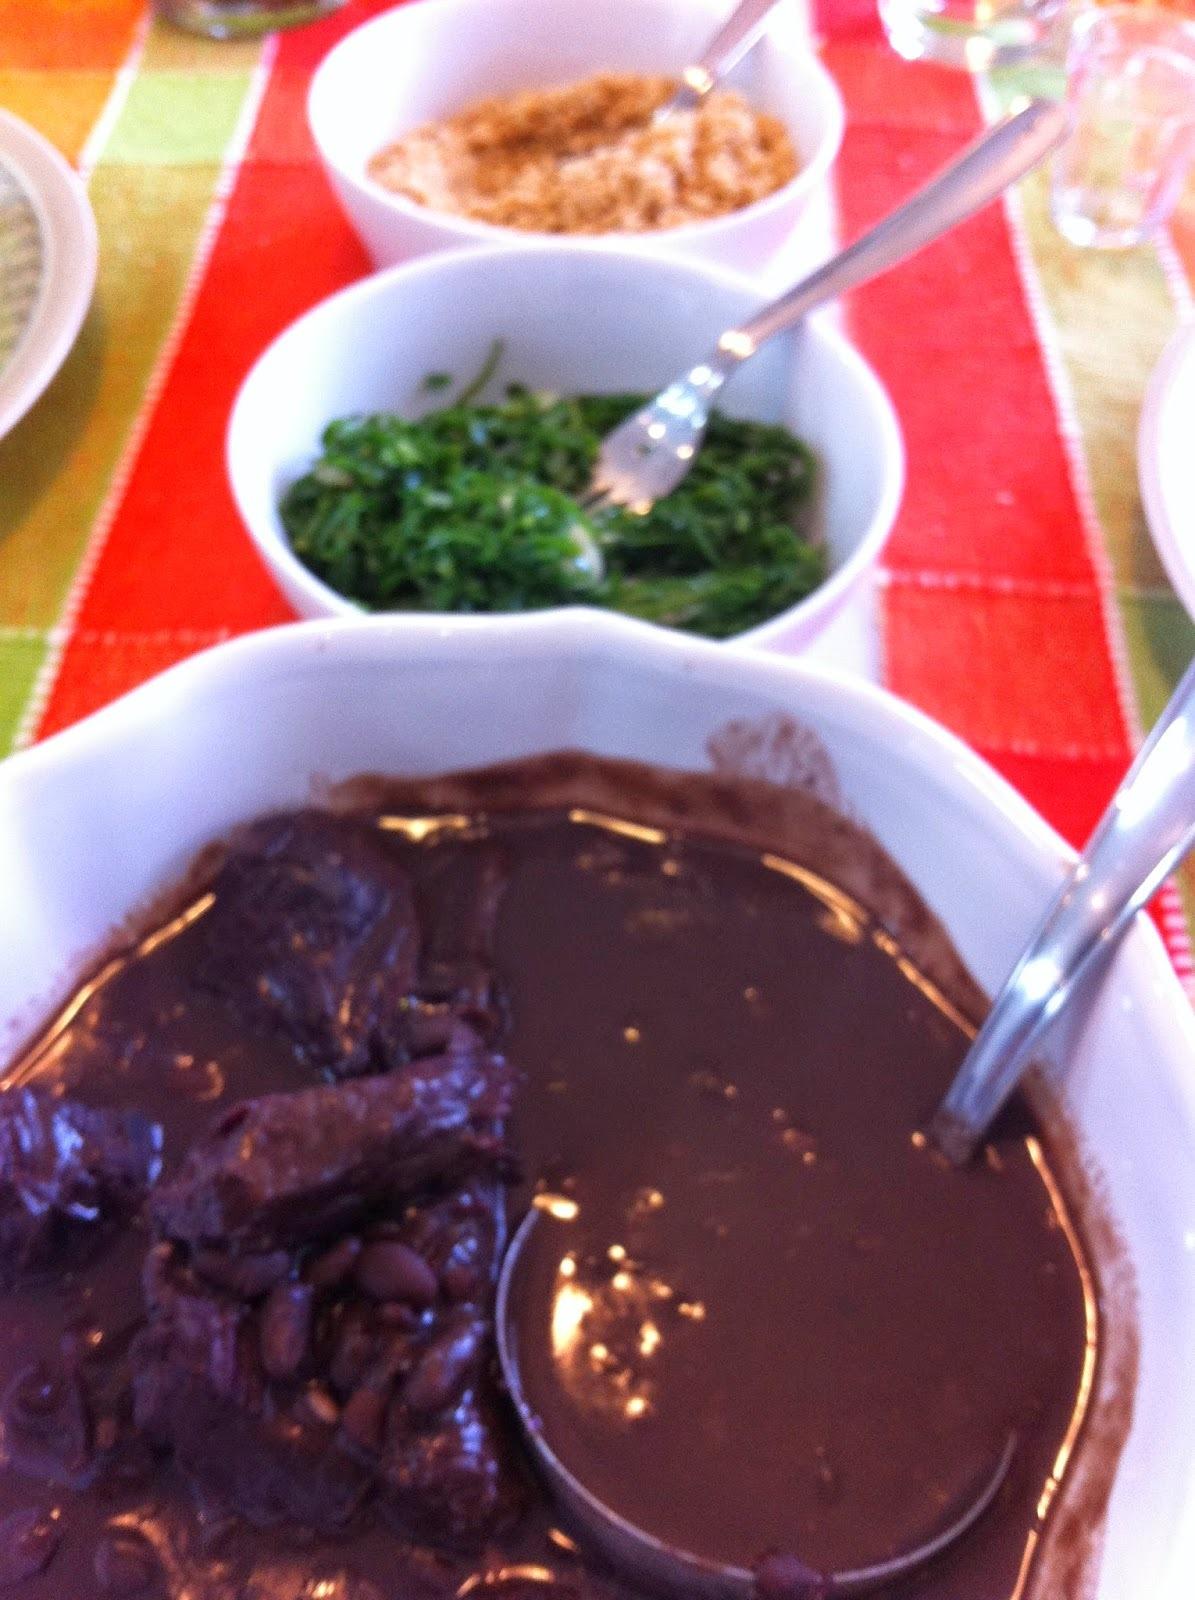 Cozinha simples - Feijão Gordo!!!